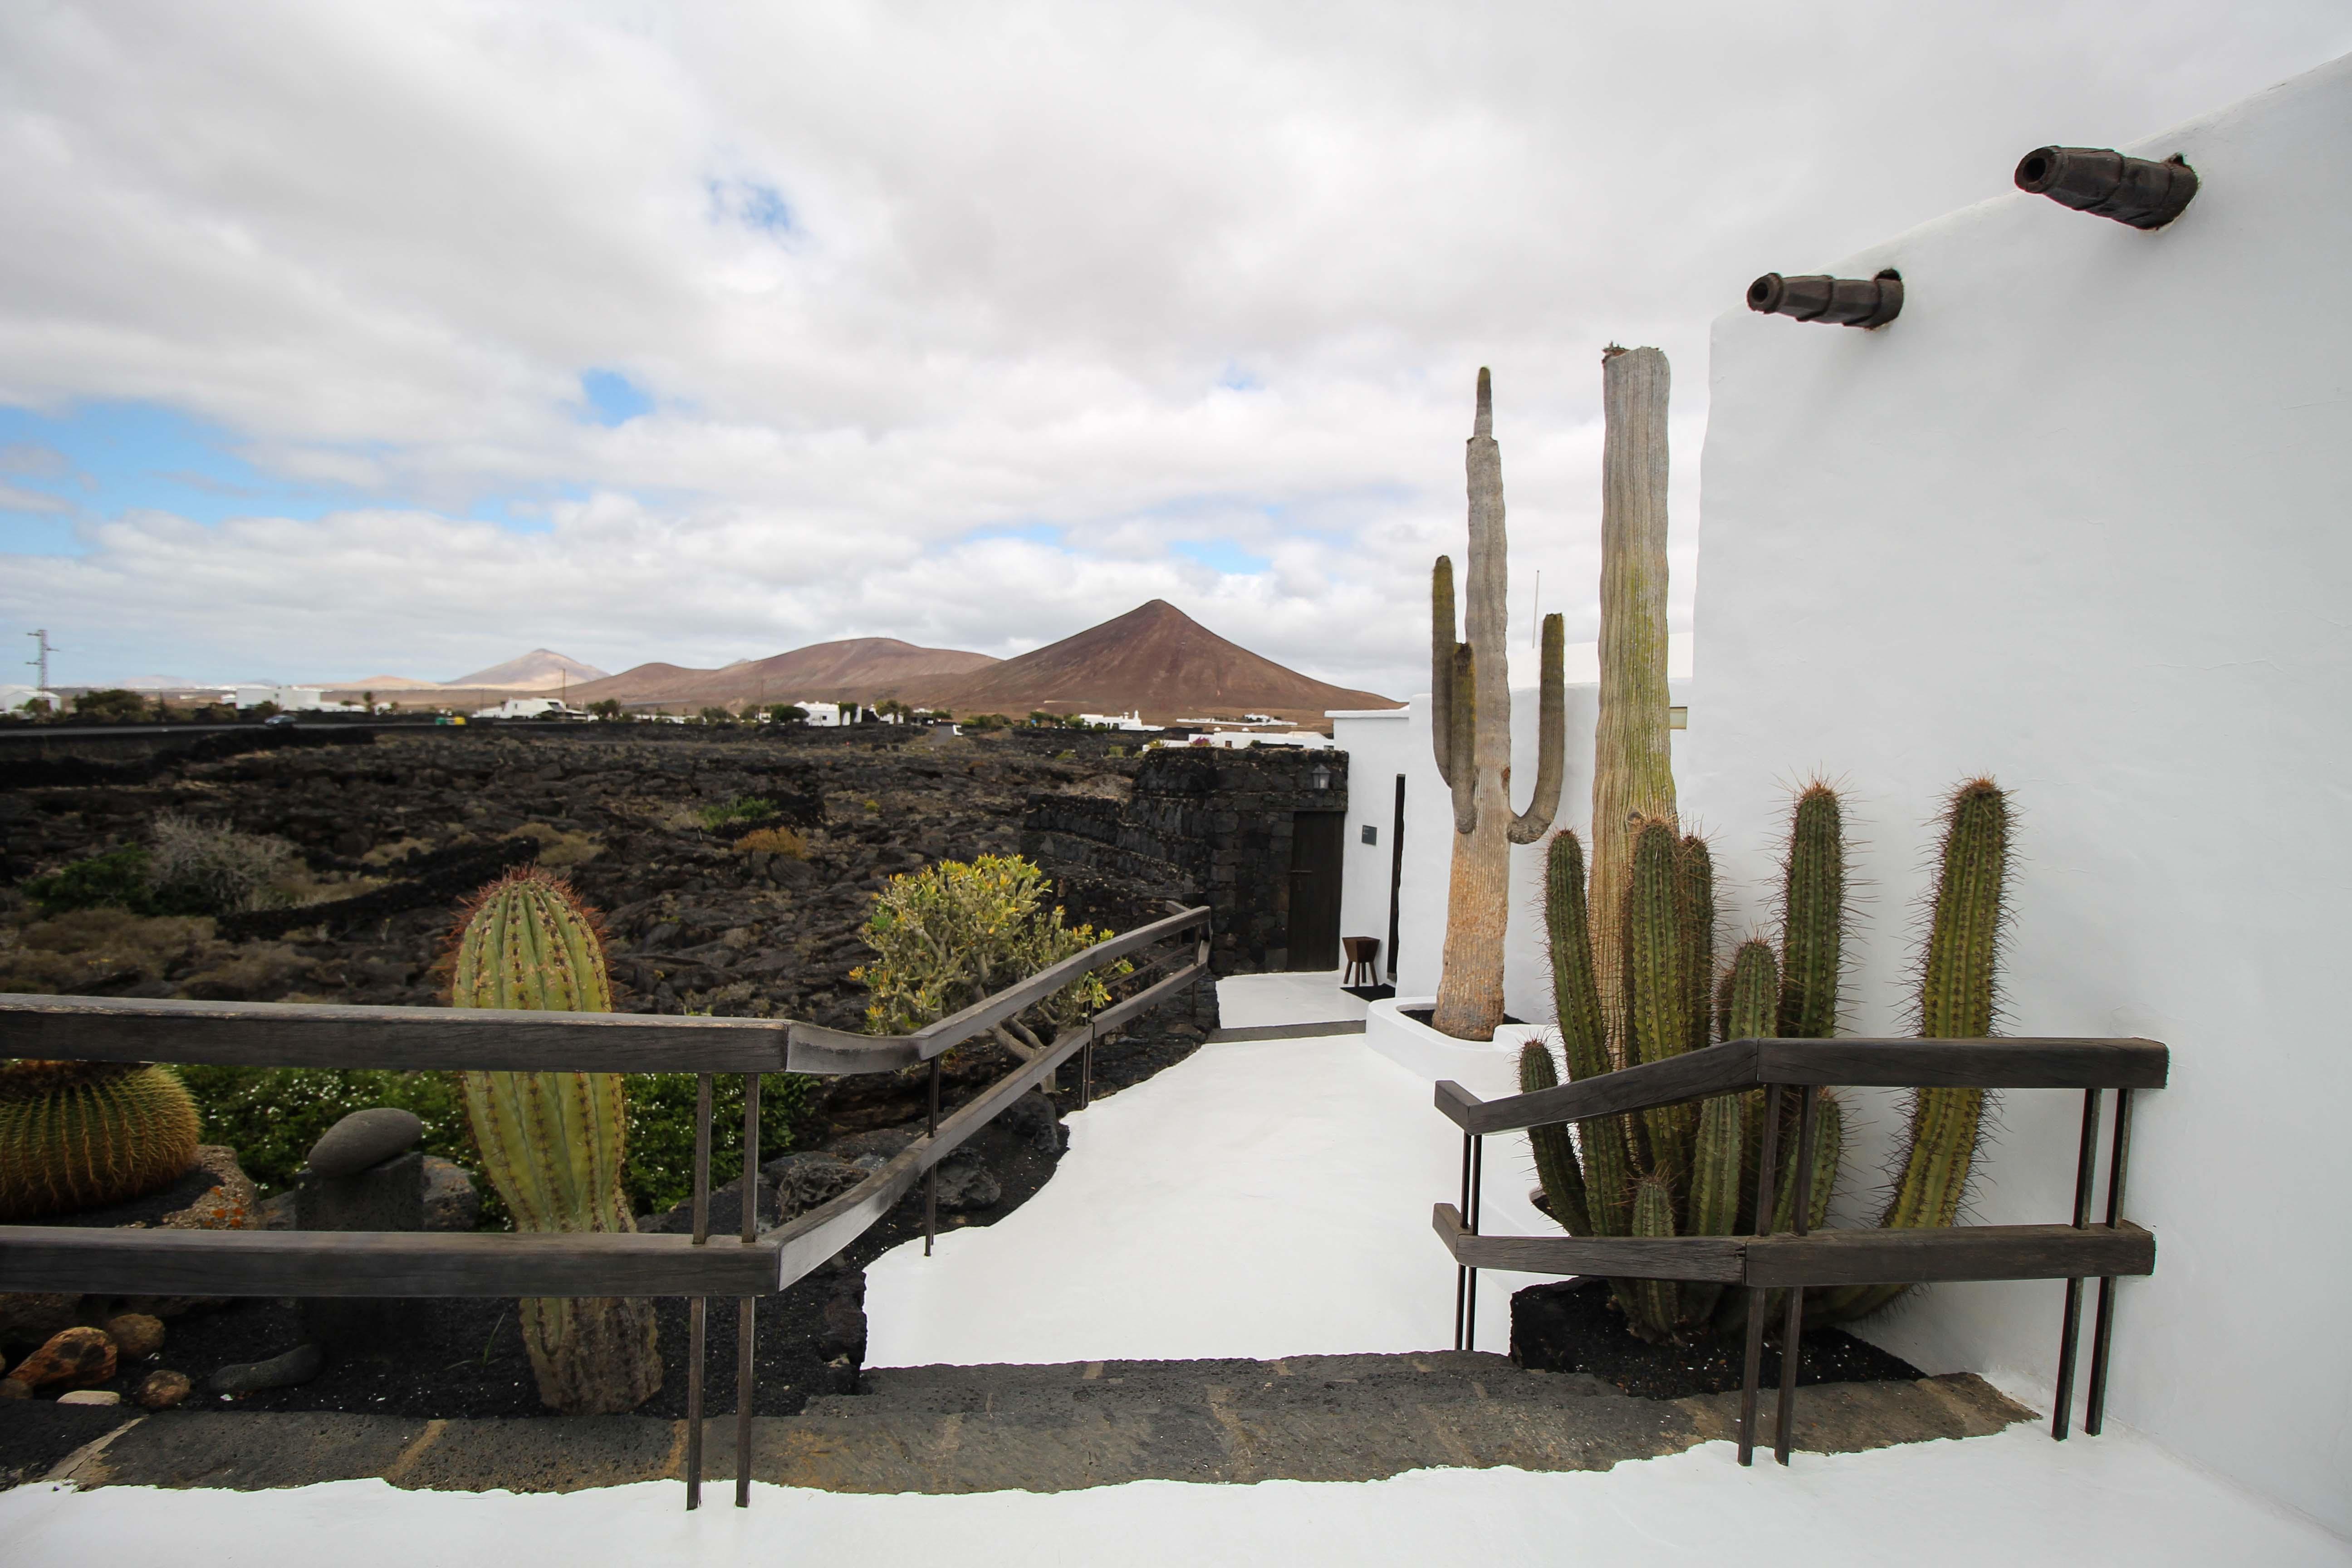 Top 10 Tipps Lanzarote Sehenswürdigkeiten Insider Tipps Lanzarote Spanien Fundación César Manrique Kaktus Lava Reiseblog